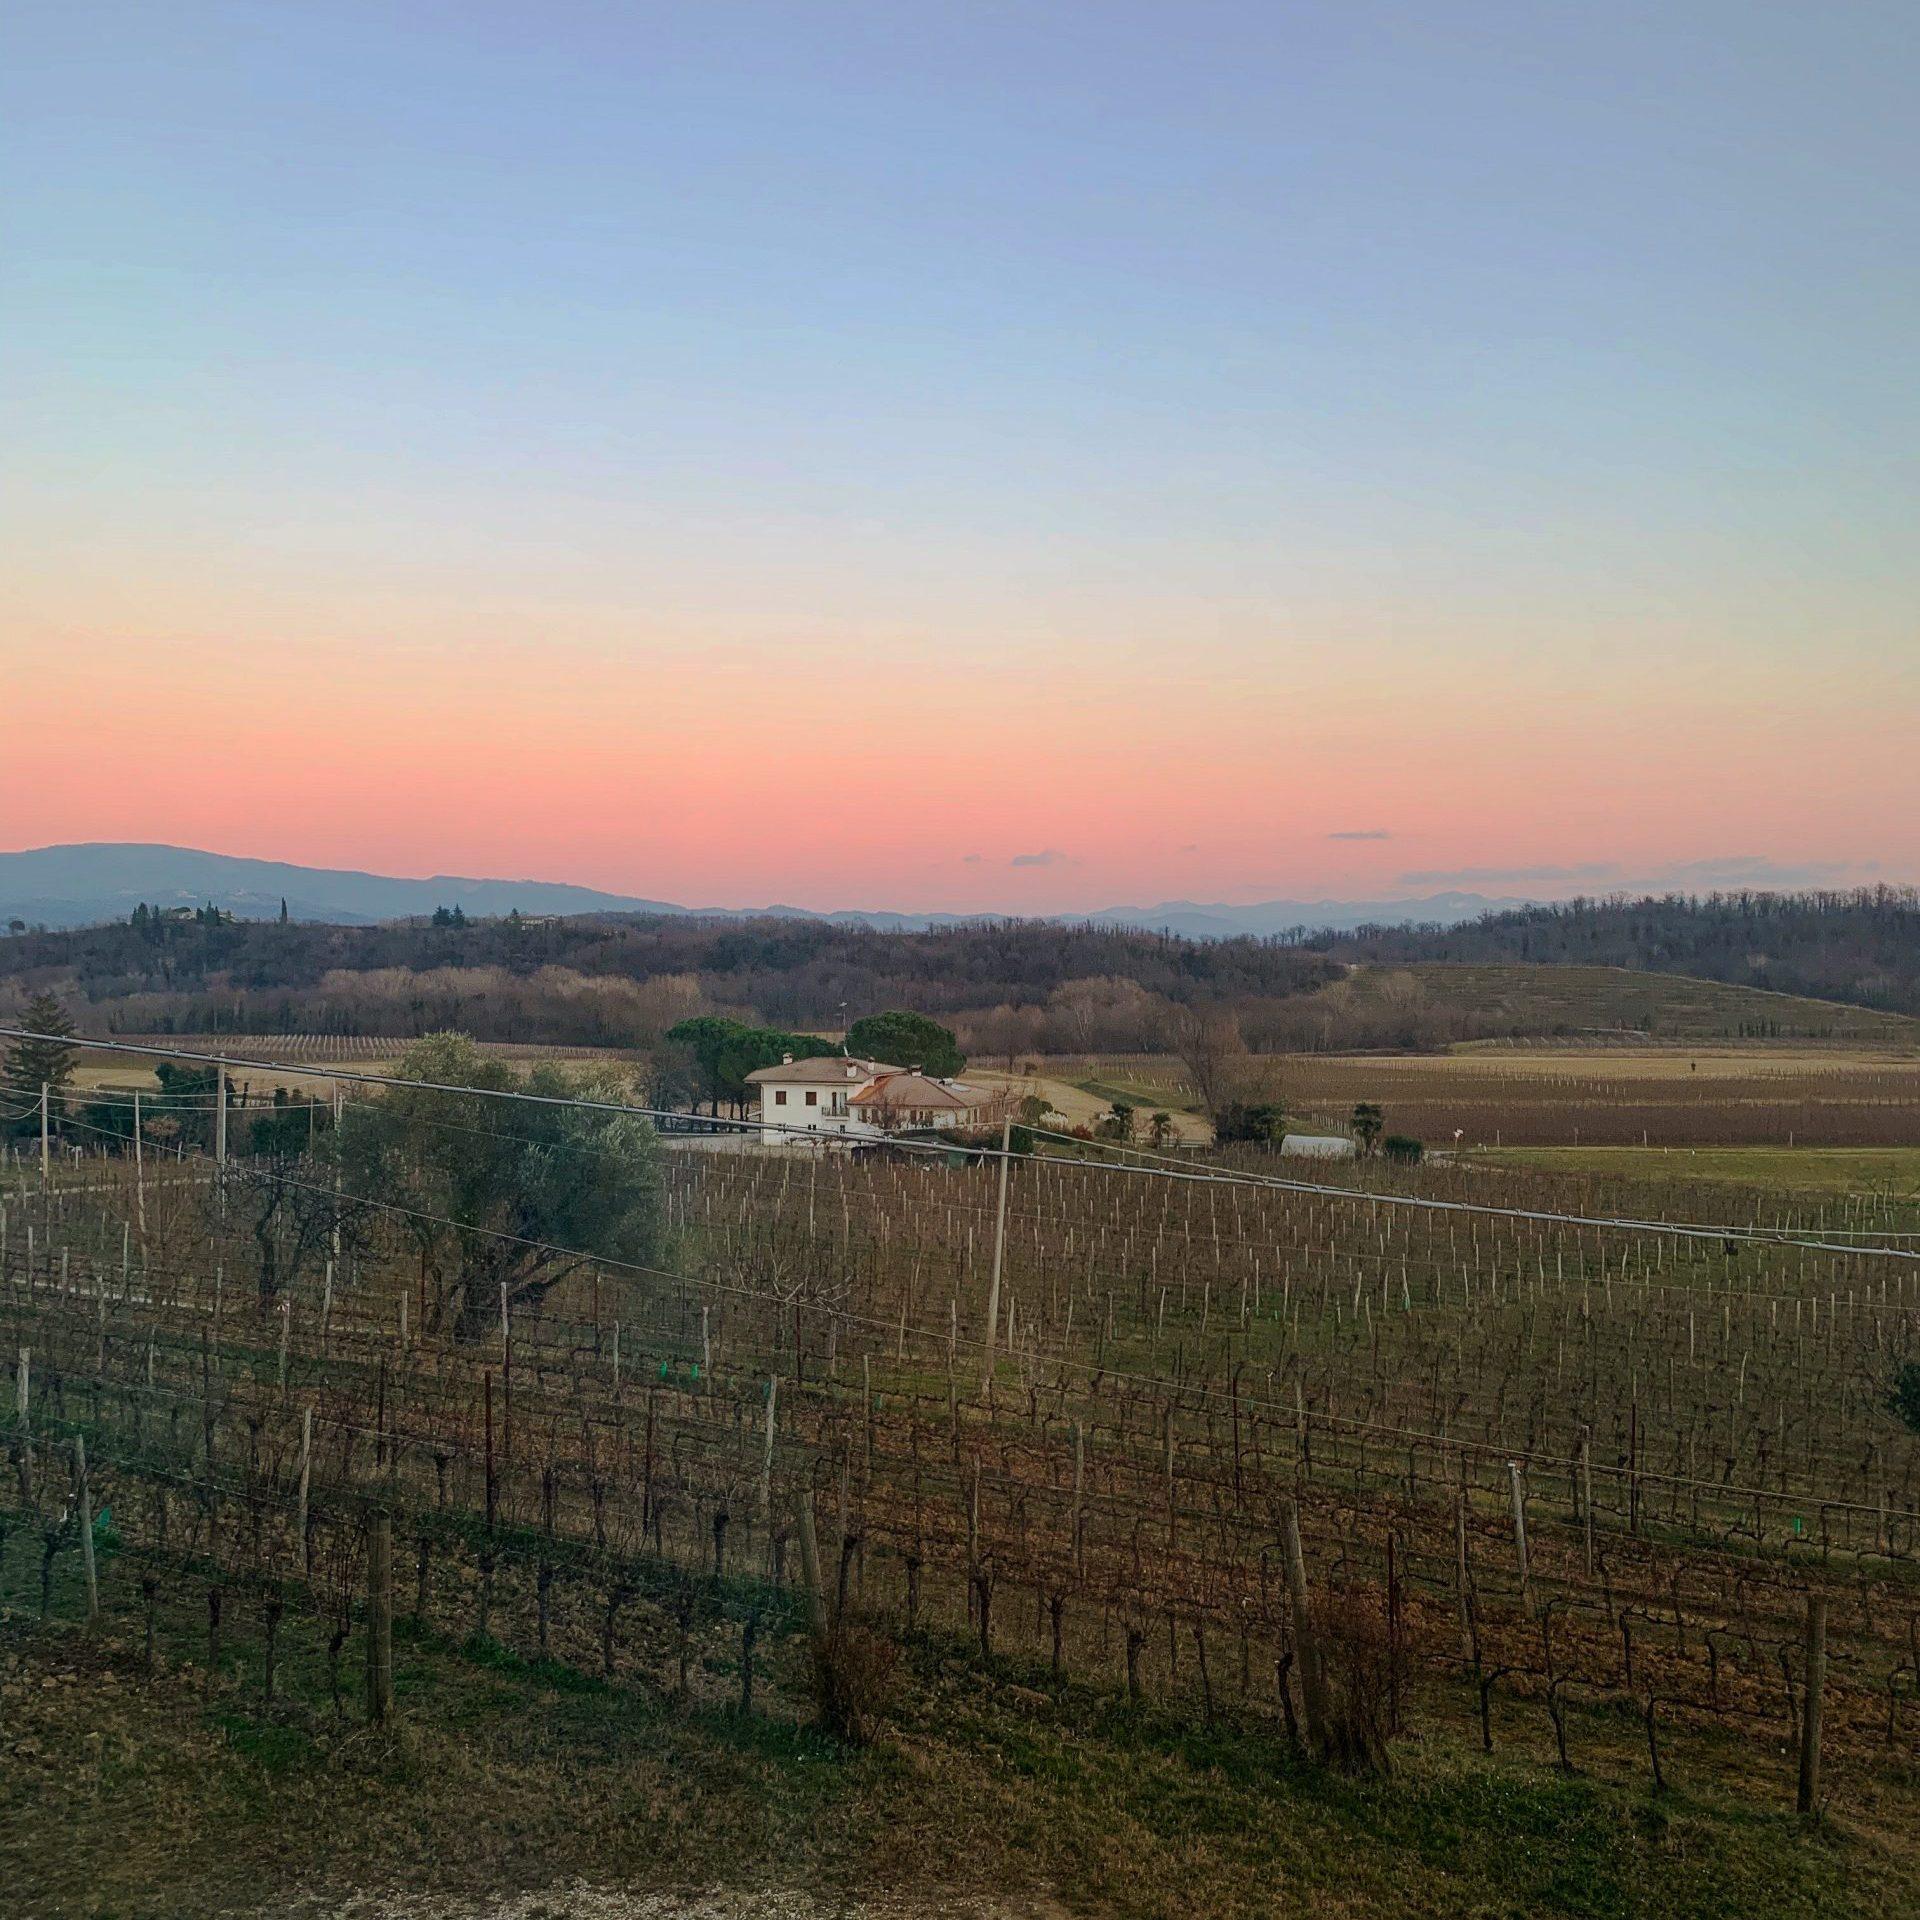 Exploring Friui Venezia Giulia's wine regions!